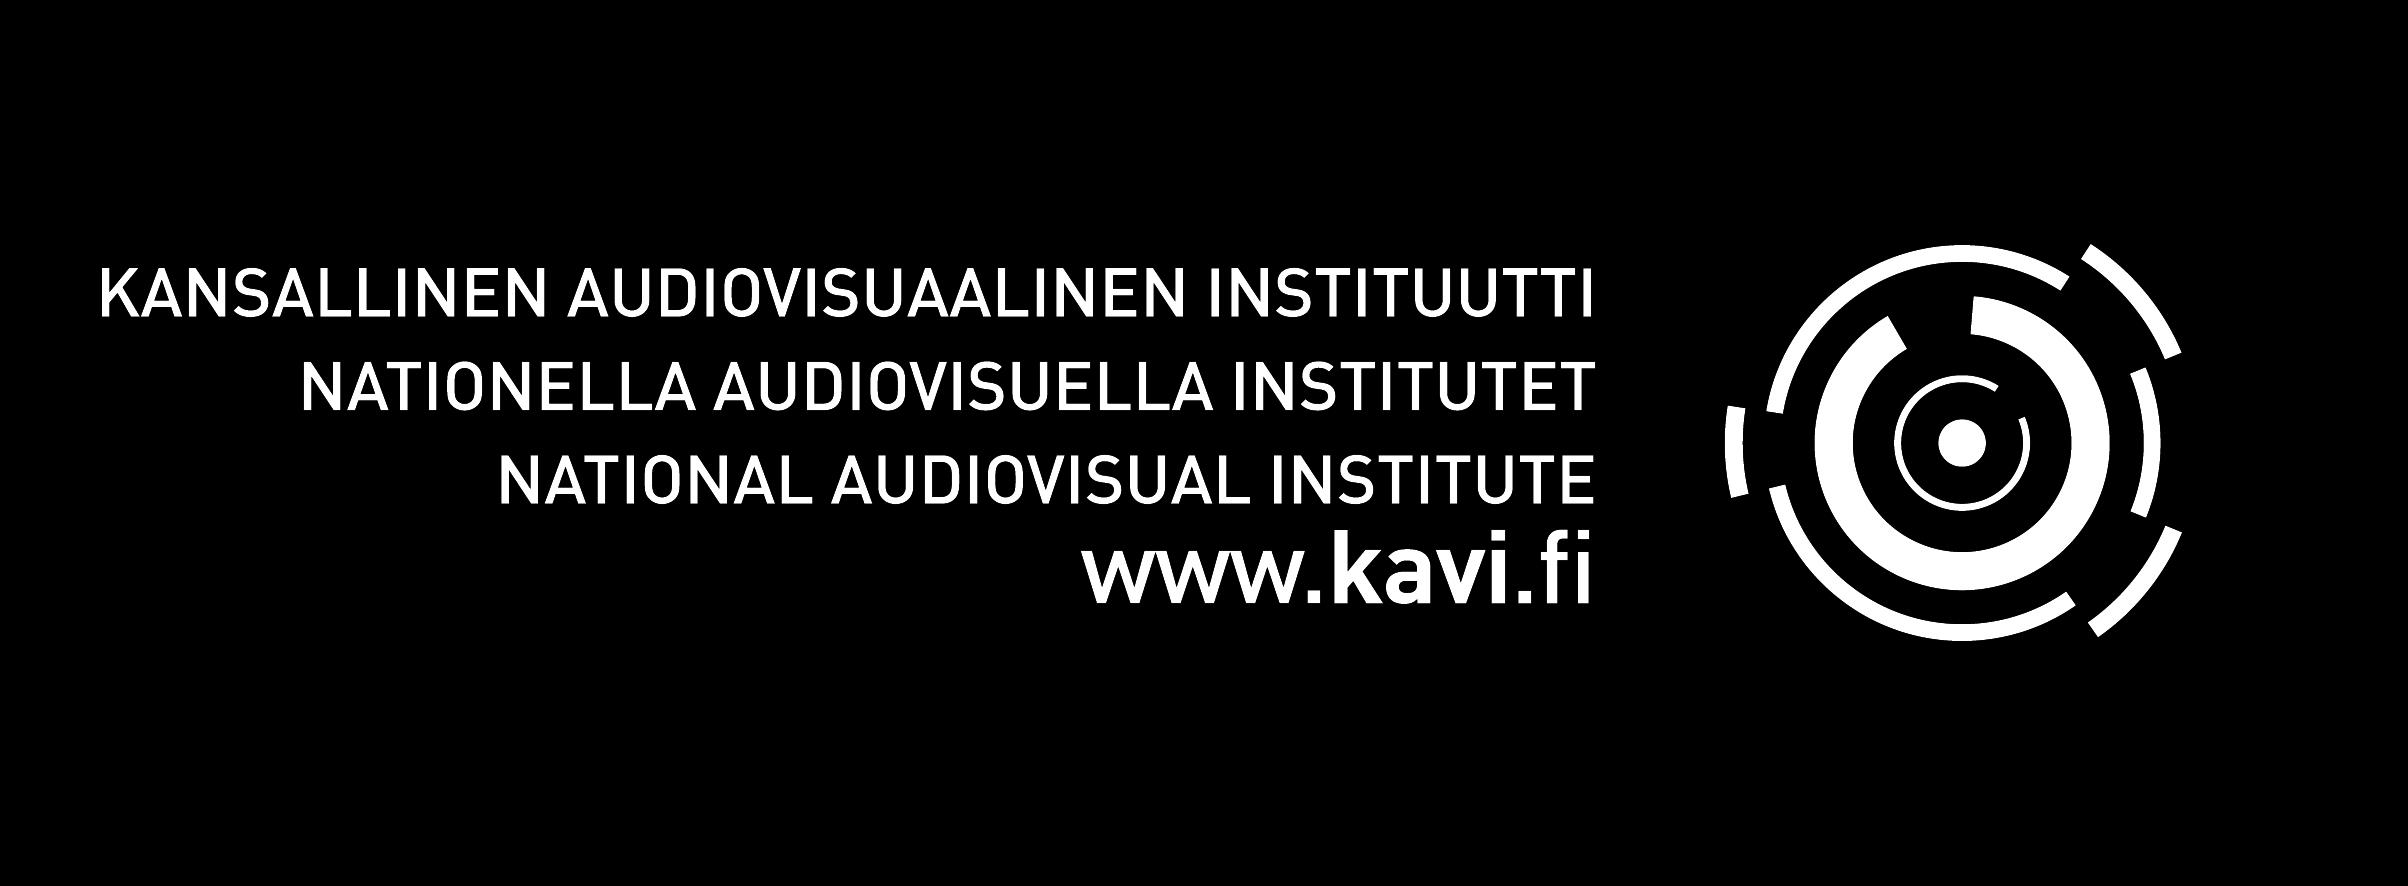 kansallinen-audiovisuaalinen-instituutti